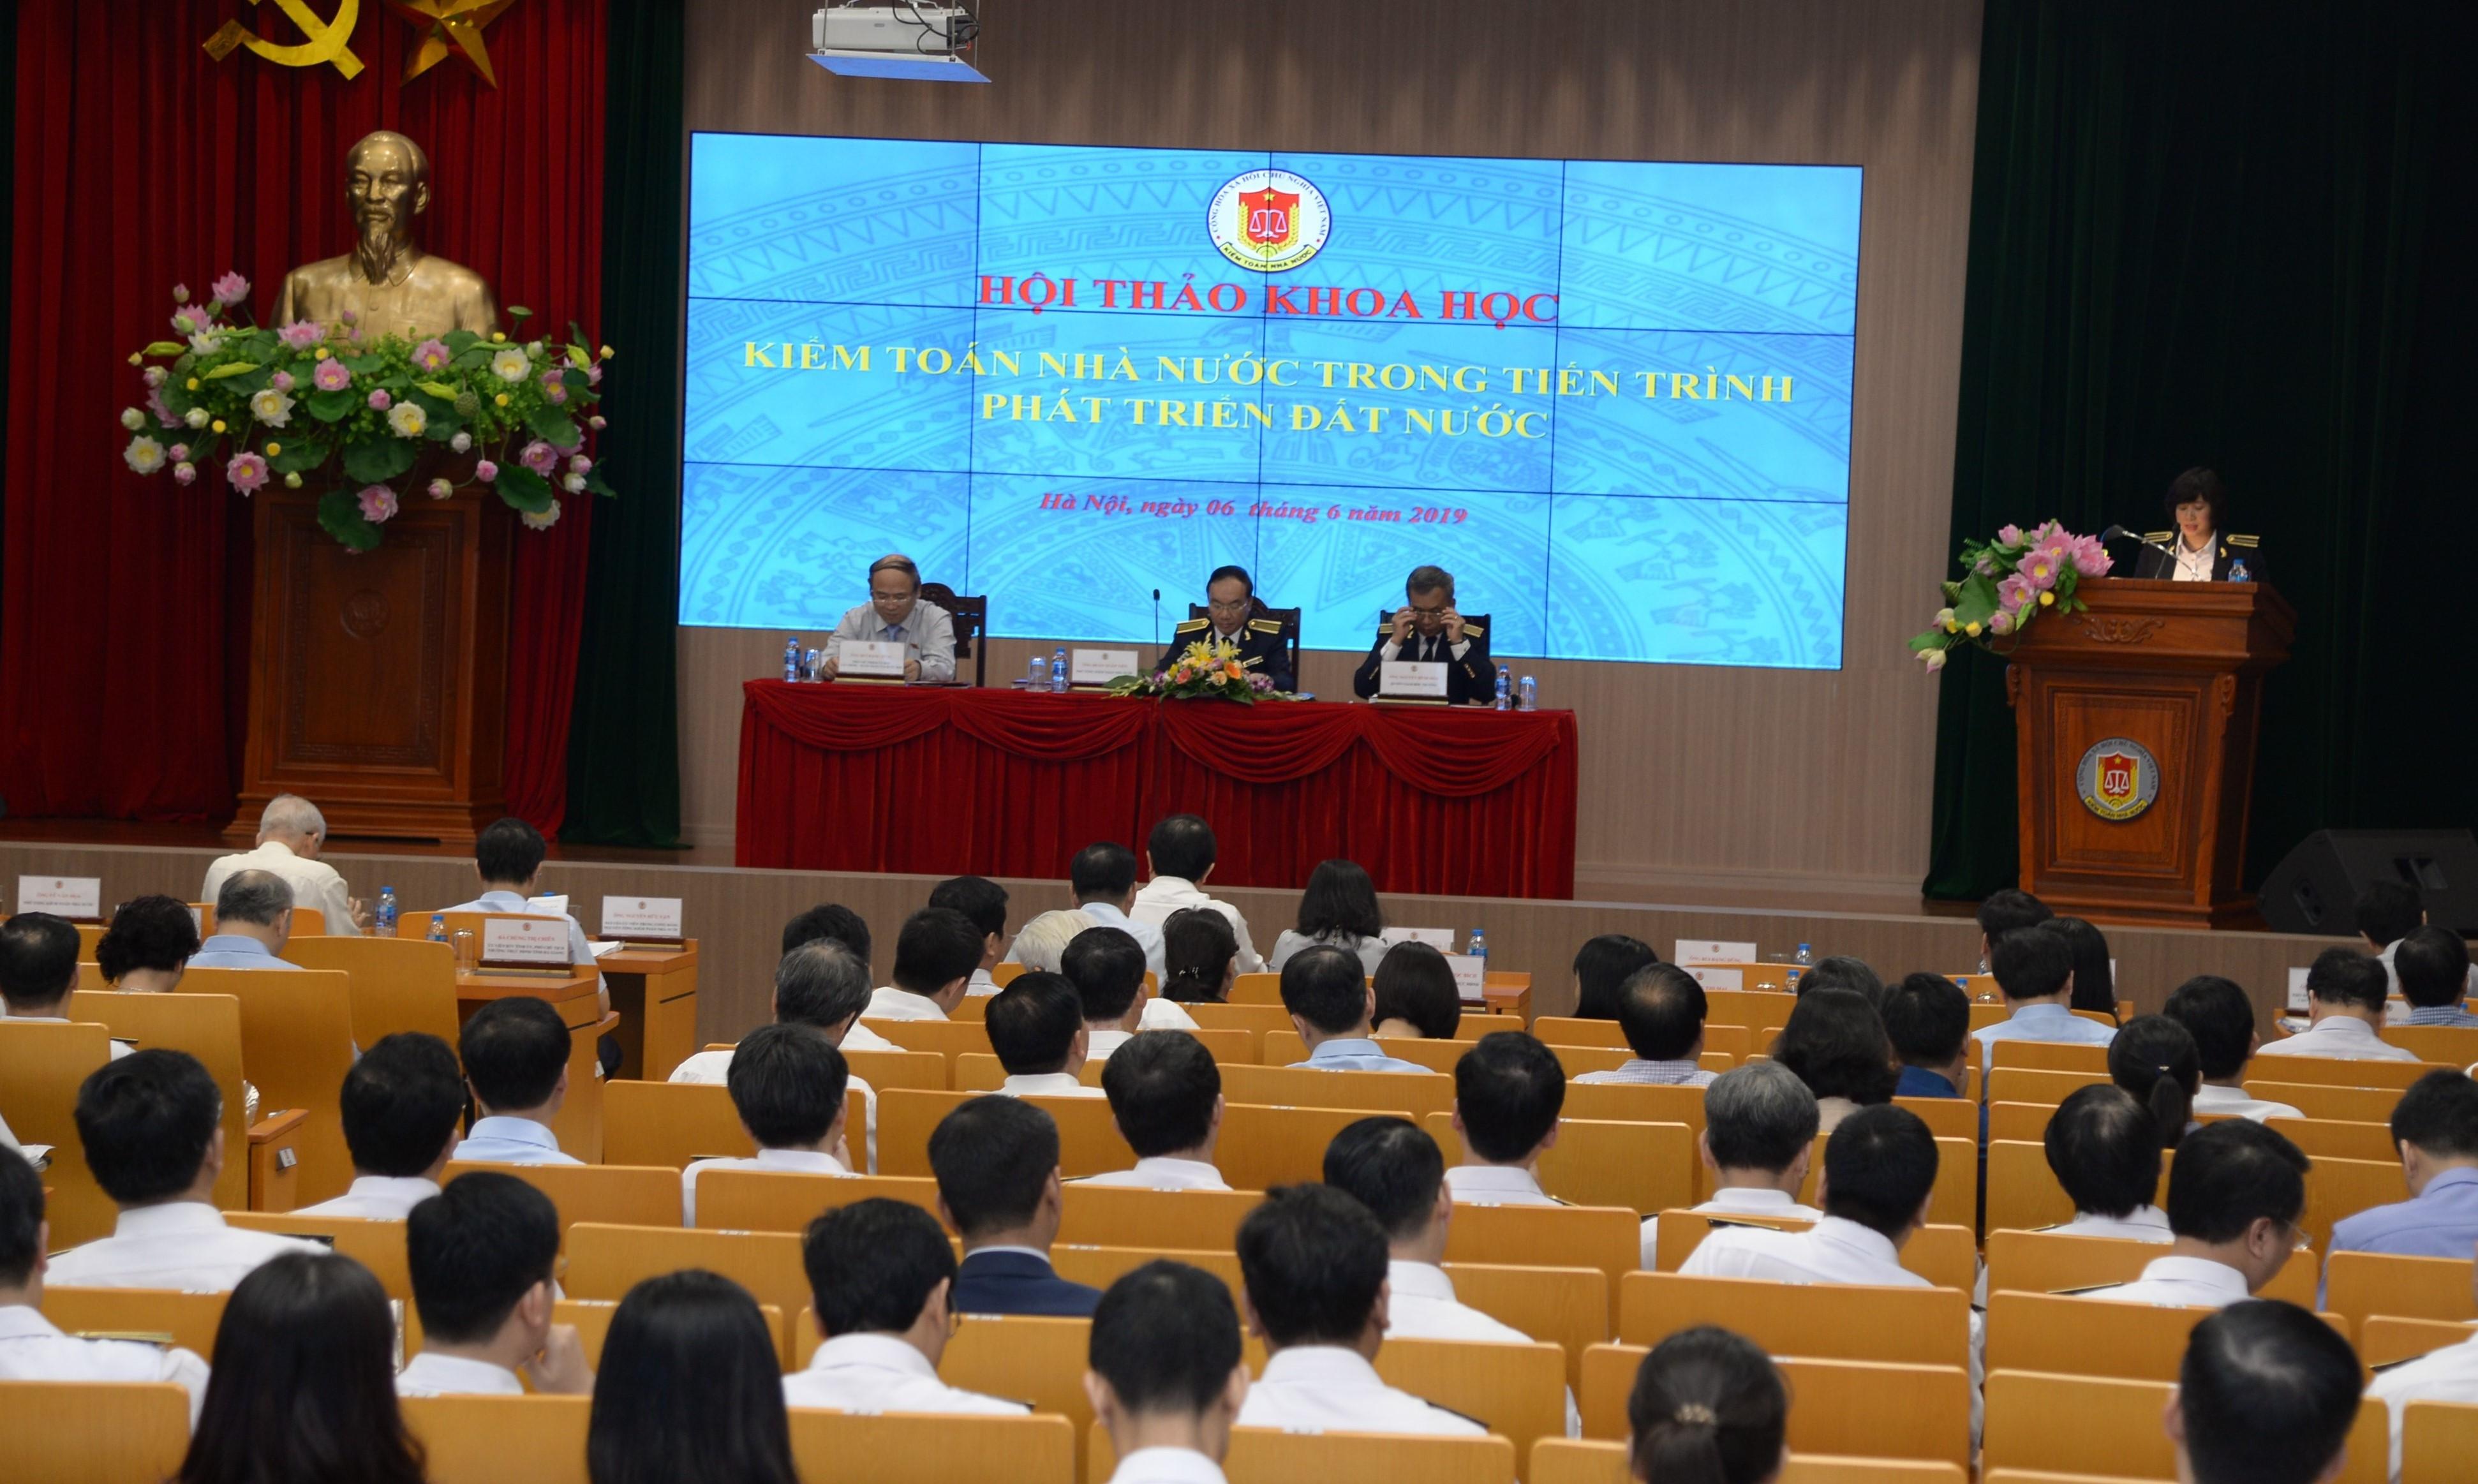 Khẳng định vai trò của Kiểm toán Nhà nước trong tiến trình phát triển đất nước